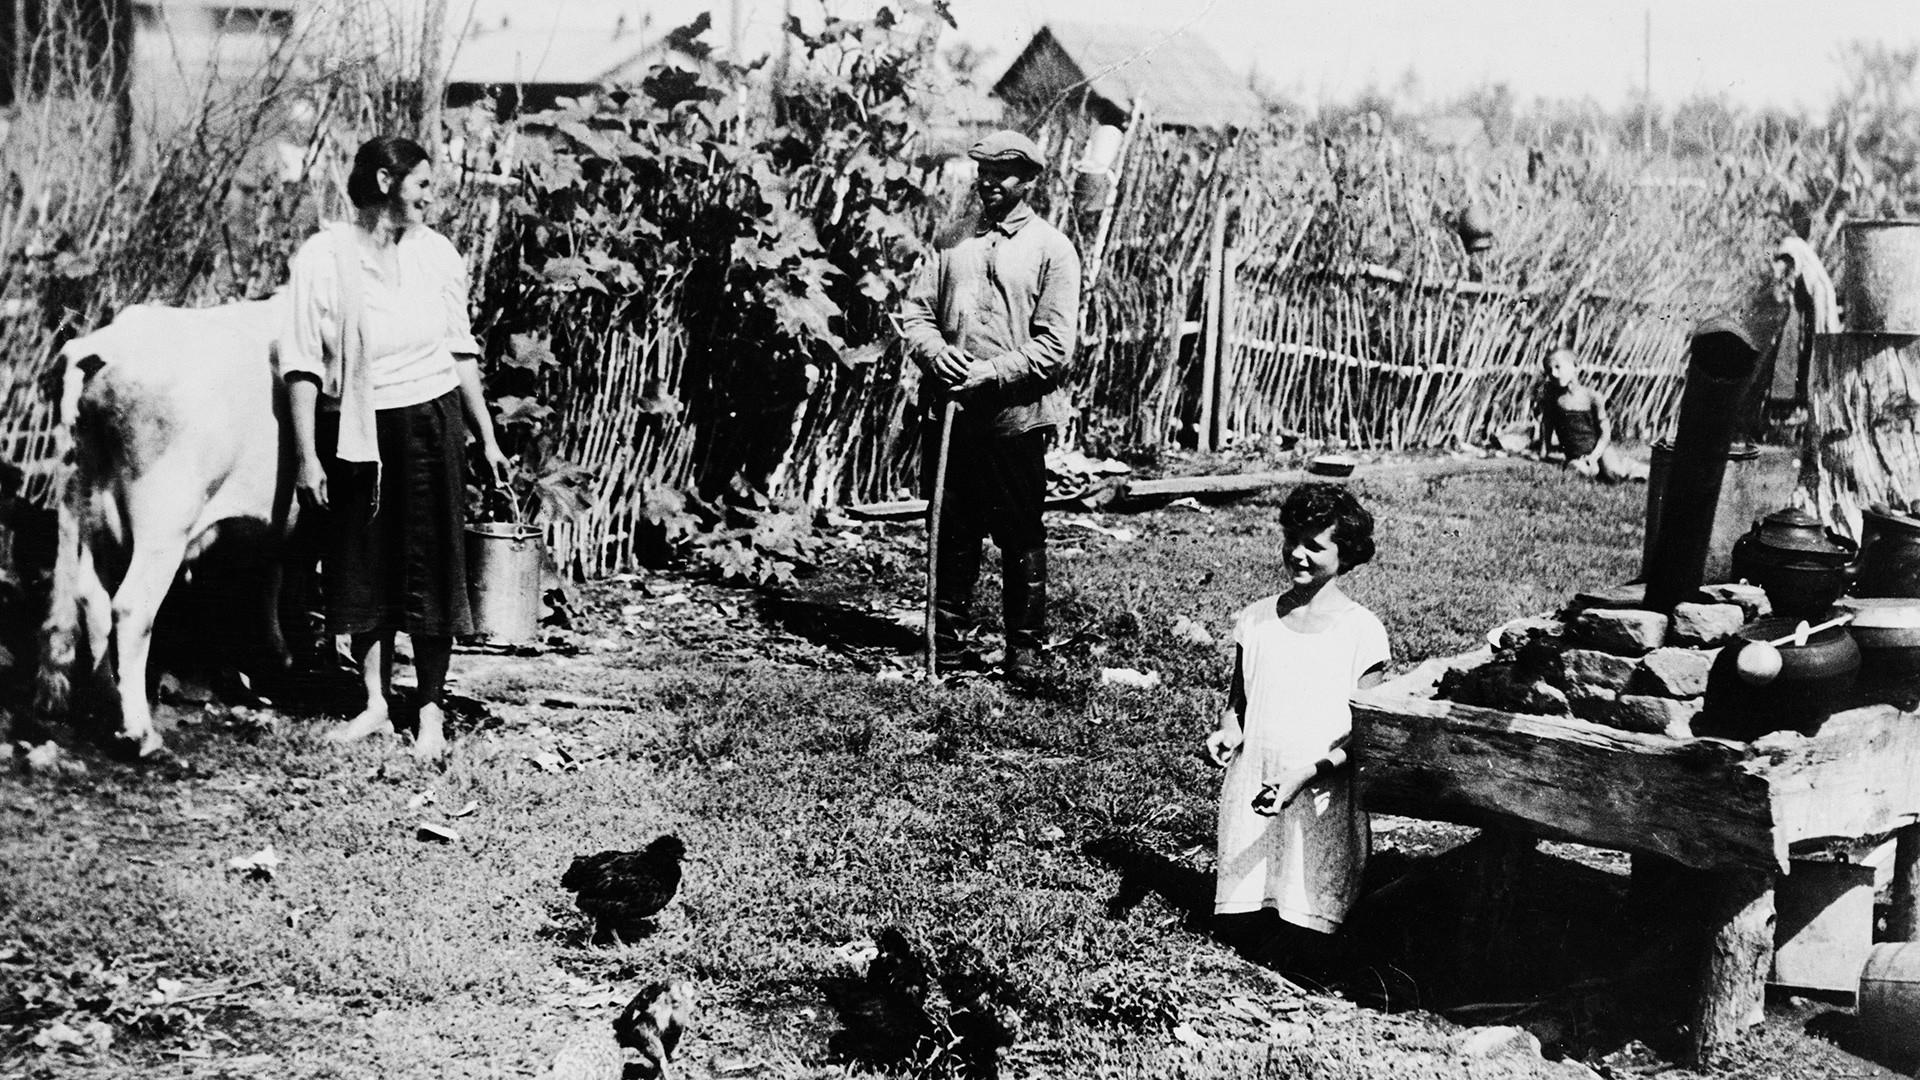 A família judia dos Guefen em sua terra natal em Birobidjan, na Região Autônoma Judia da URSS. Colonizadores judeus começaram a chegar à região em 1928.